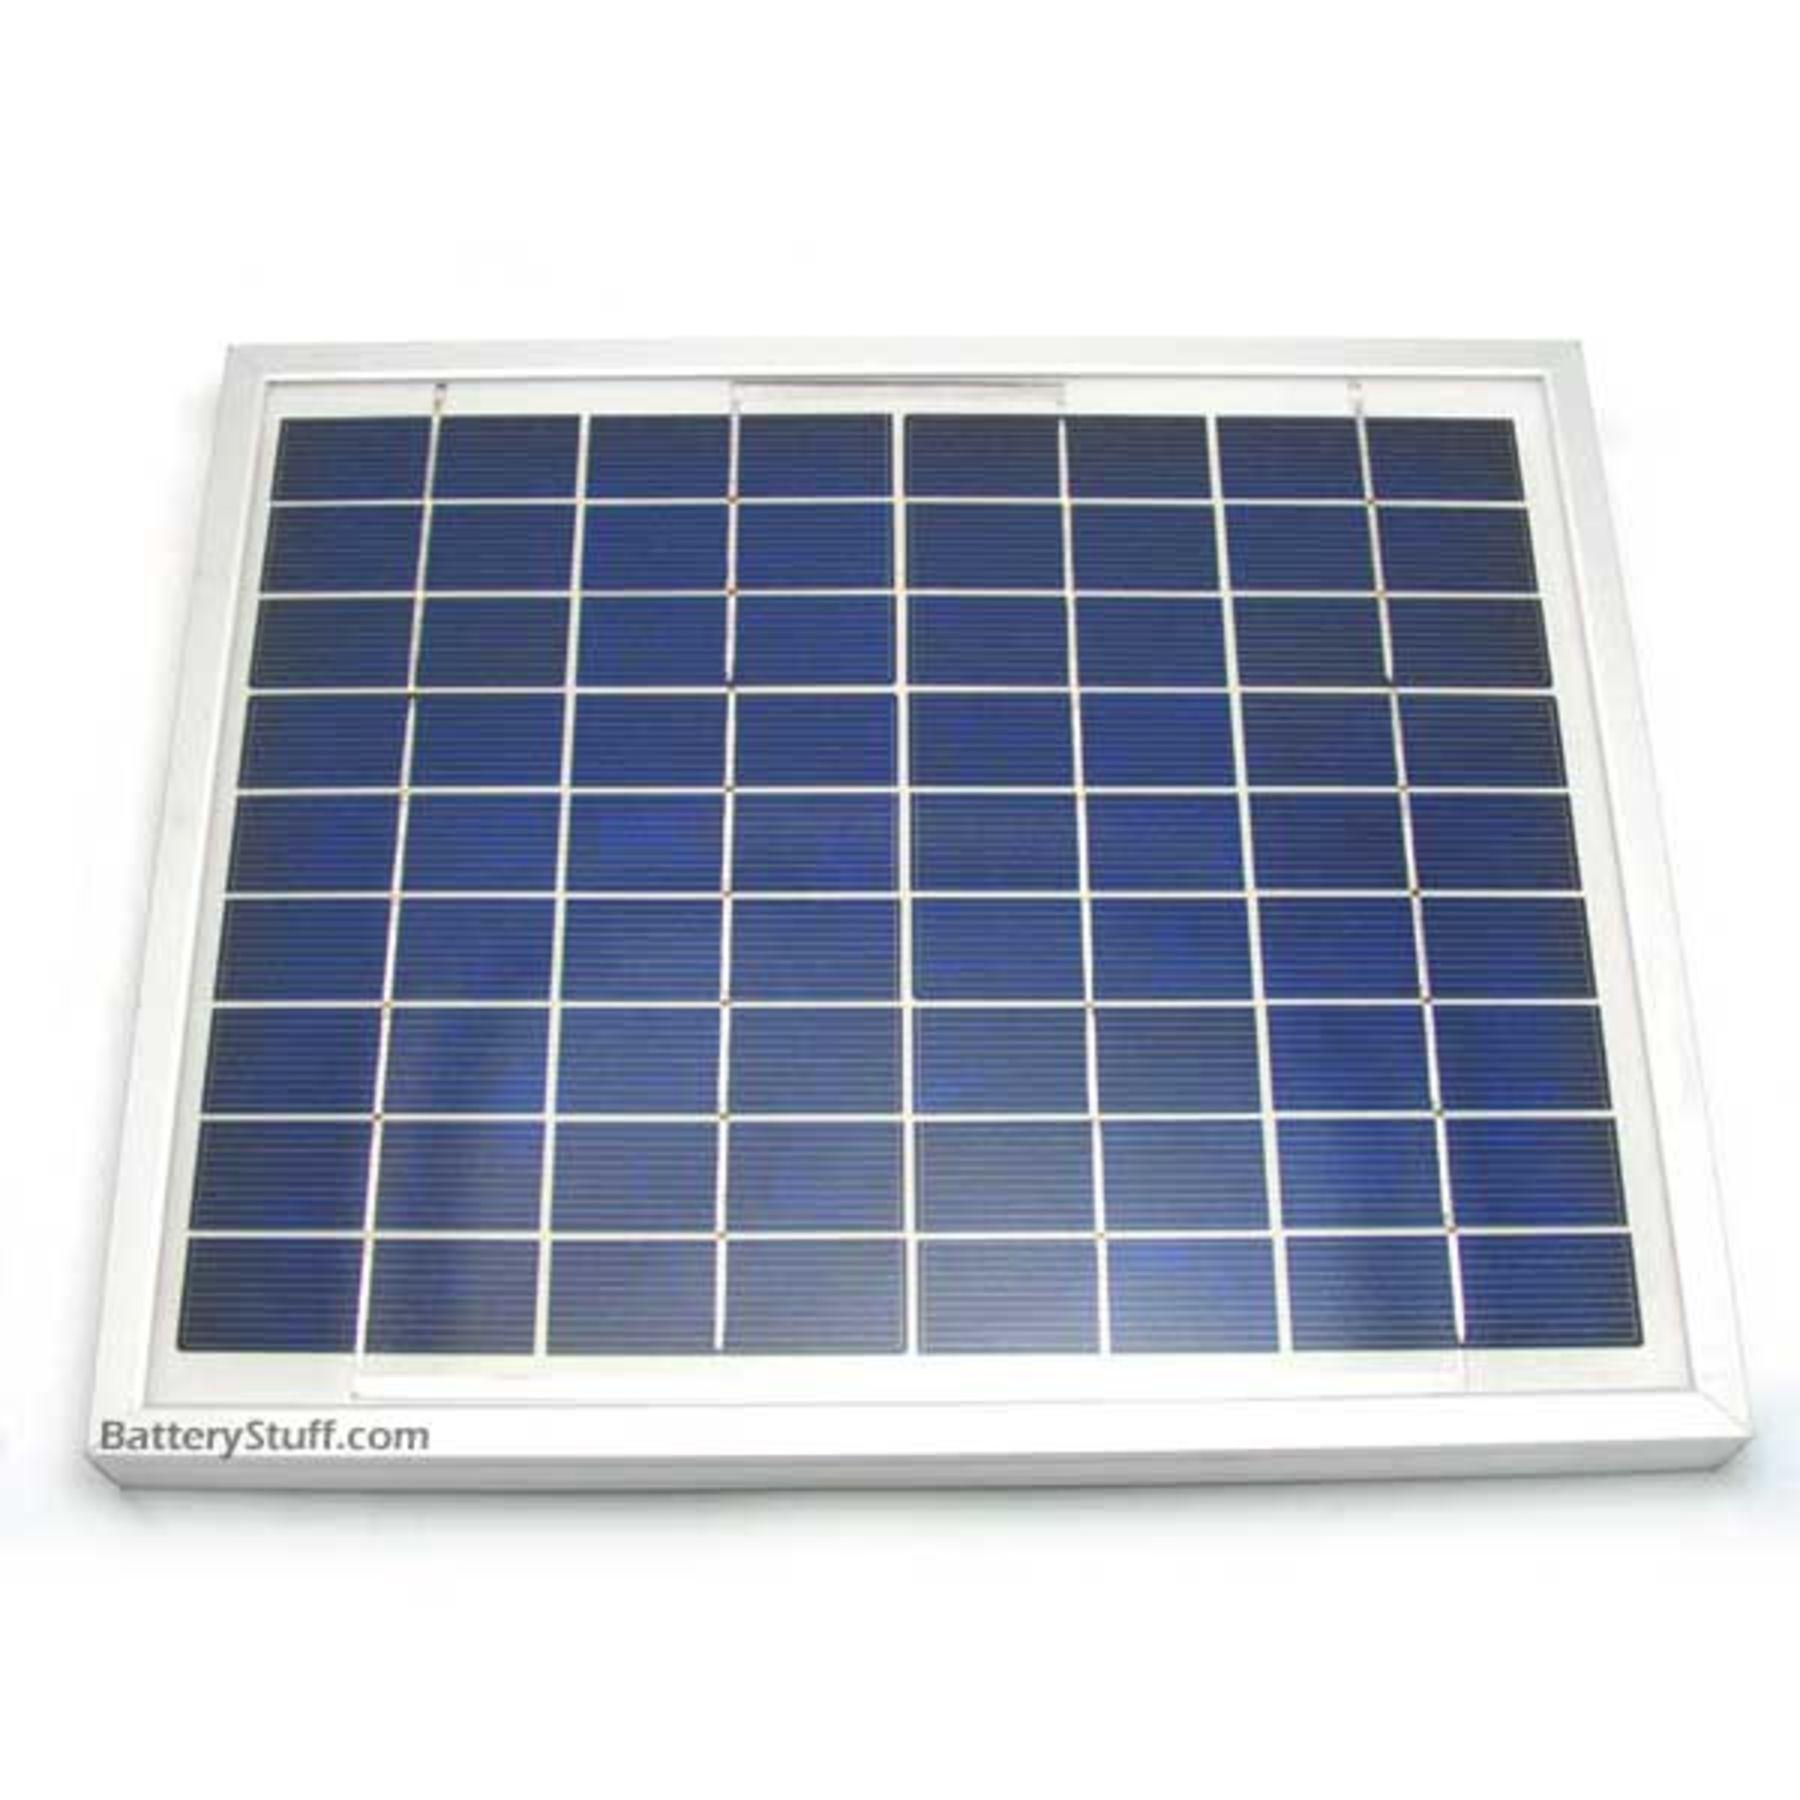 Solarland 12 V 3 Watt Solar Panel SLP003-12U